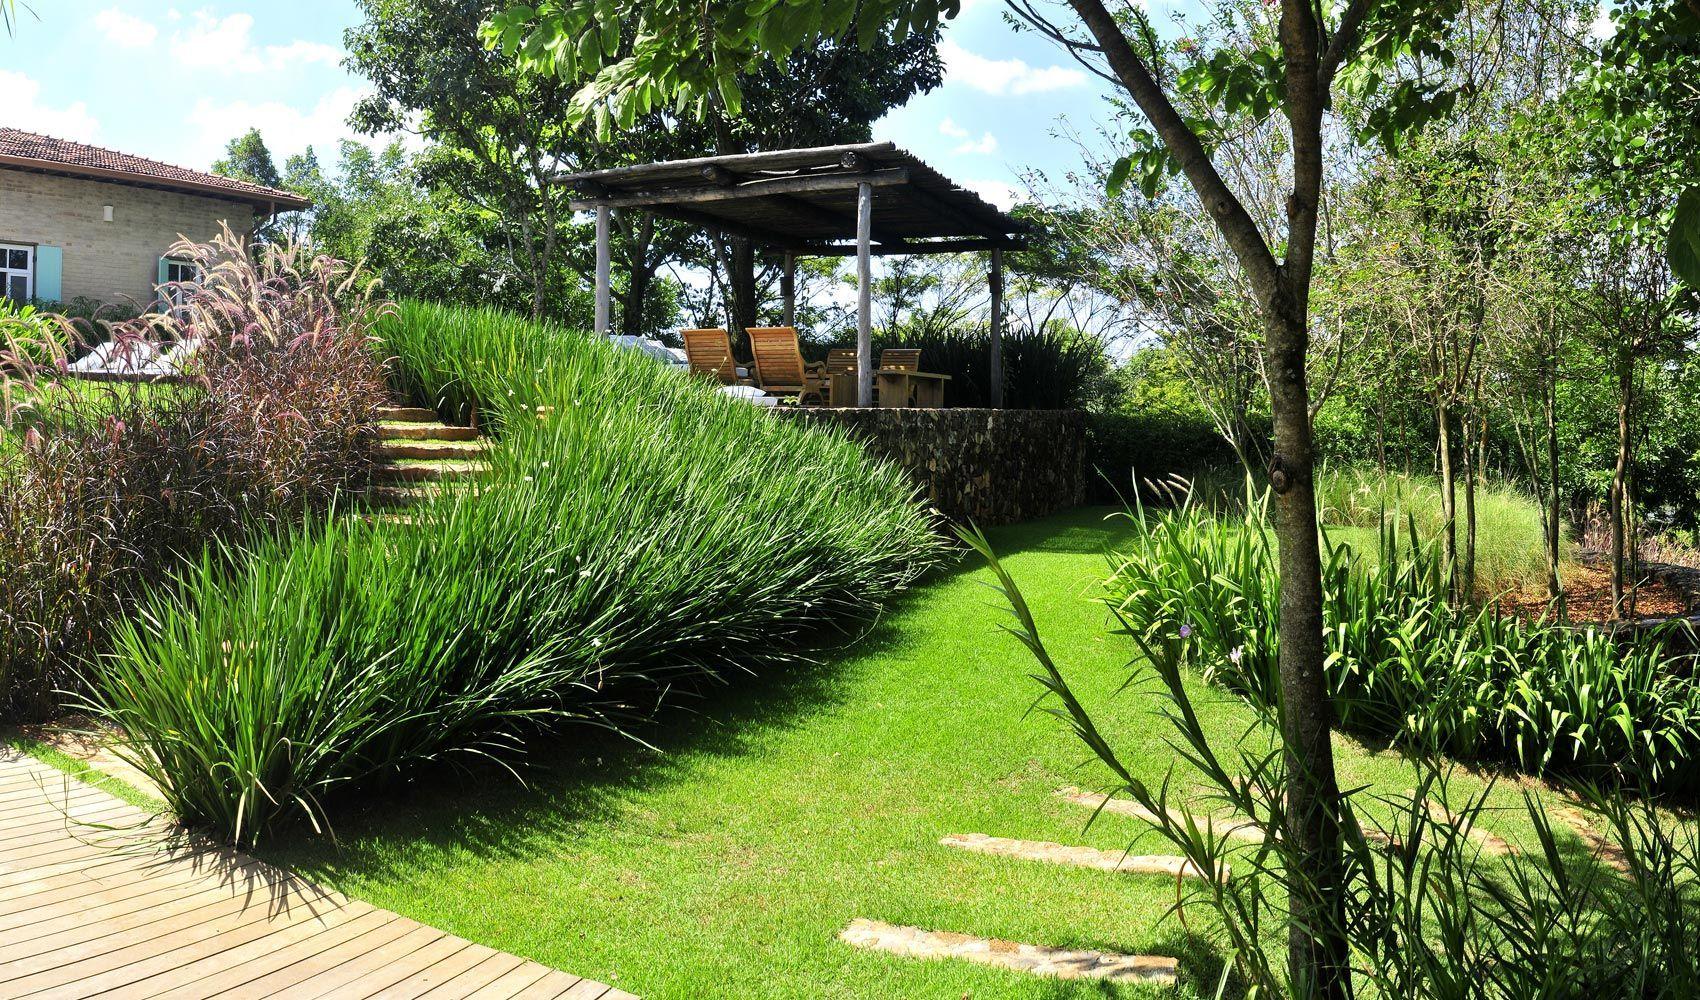 Diseño de exteriores: jardines modernos y tropicales | Jardín ...